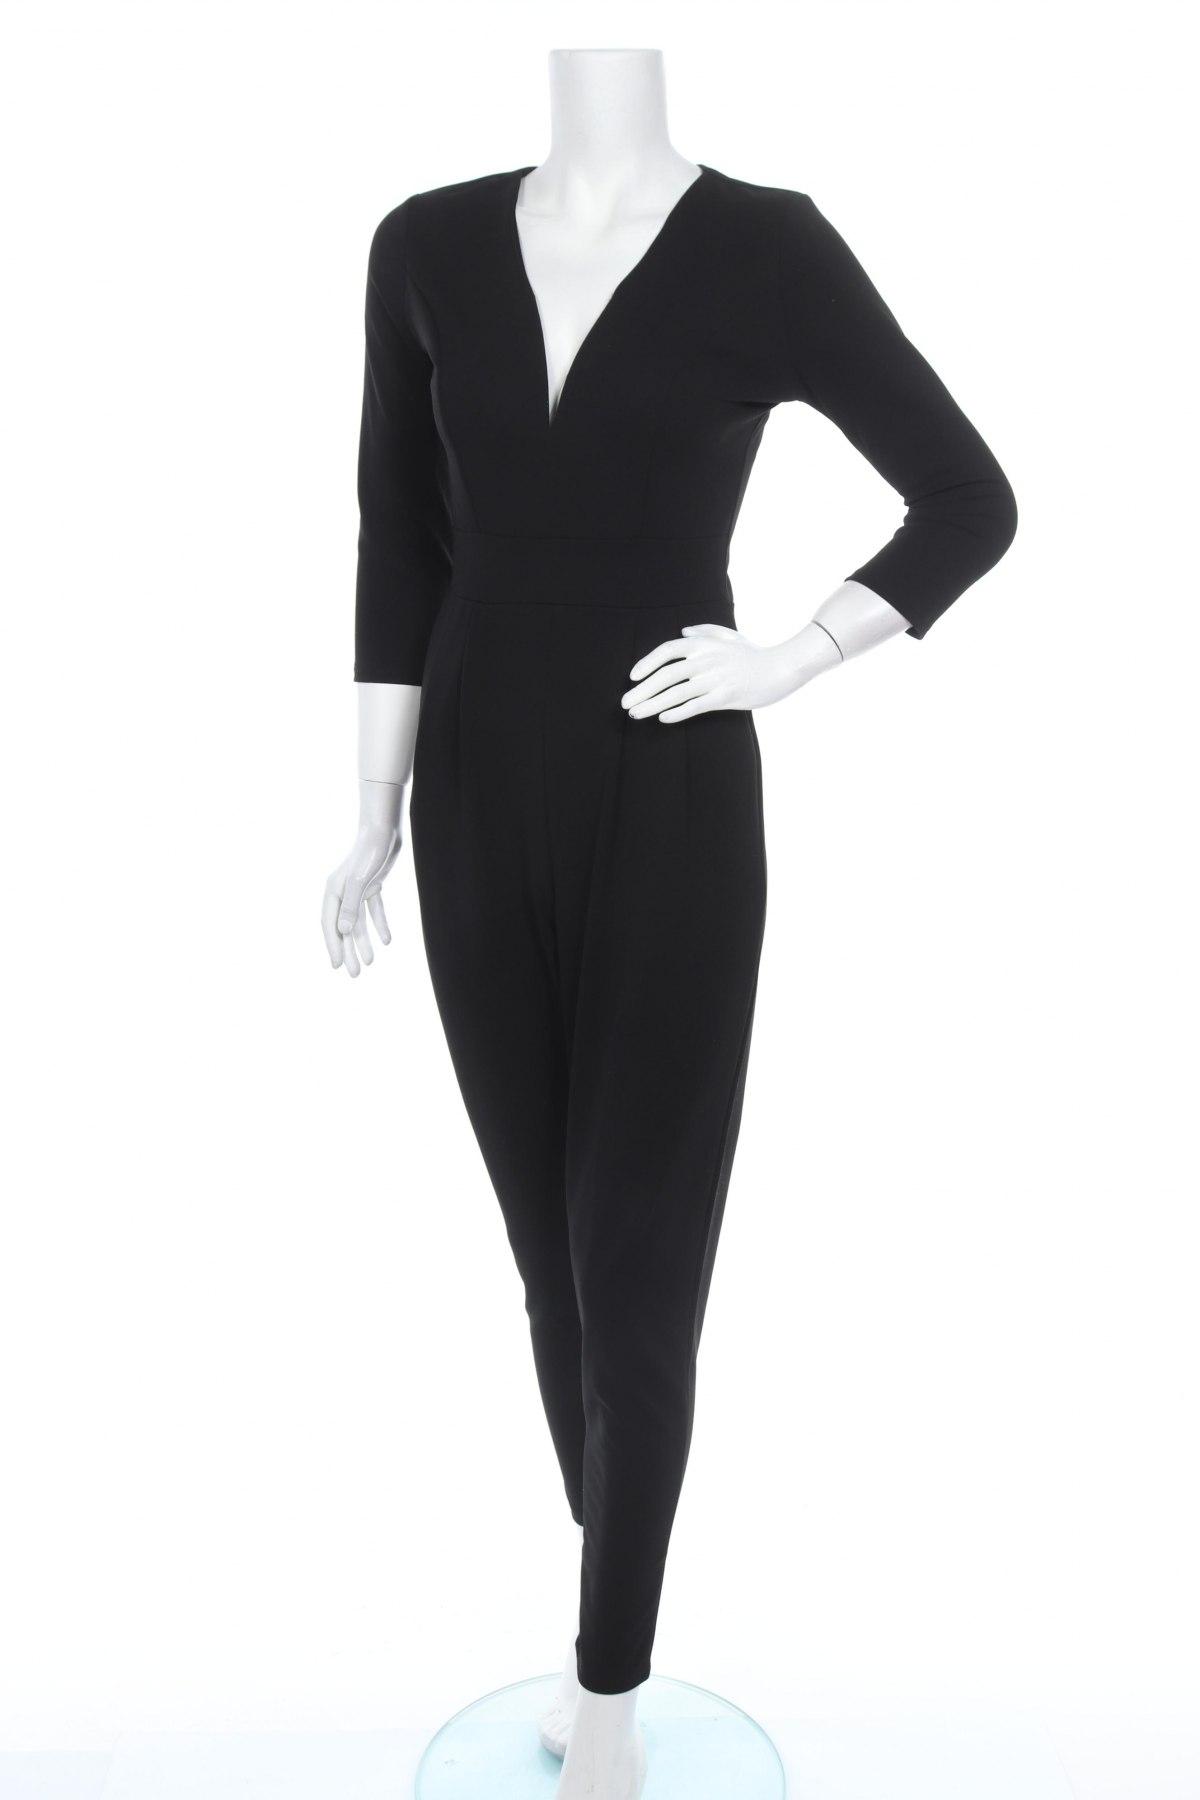 Γυναικεία σαλοπέτα Wal G, Μέγεθος M, Χρώμα Μαύρο, 95% πολυεστέρας, 5% ελαστάνη, Τιμή 29,60€